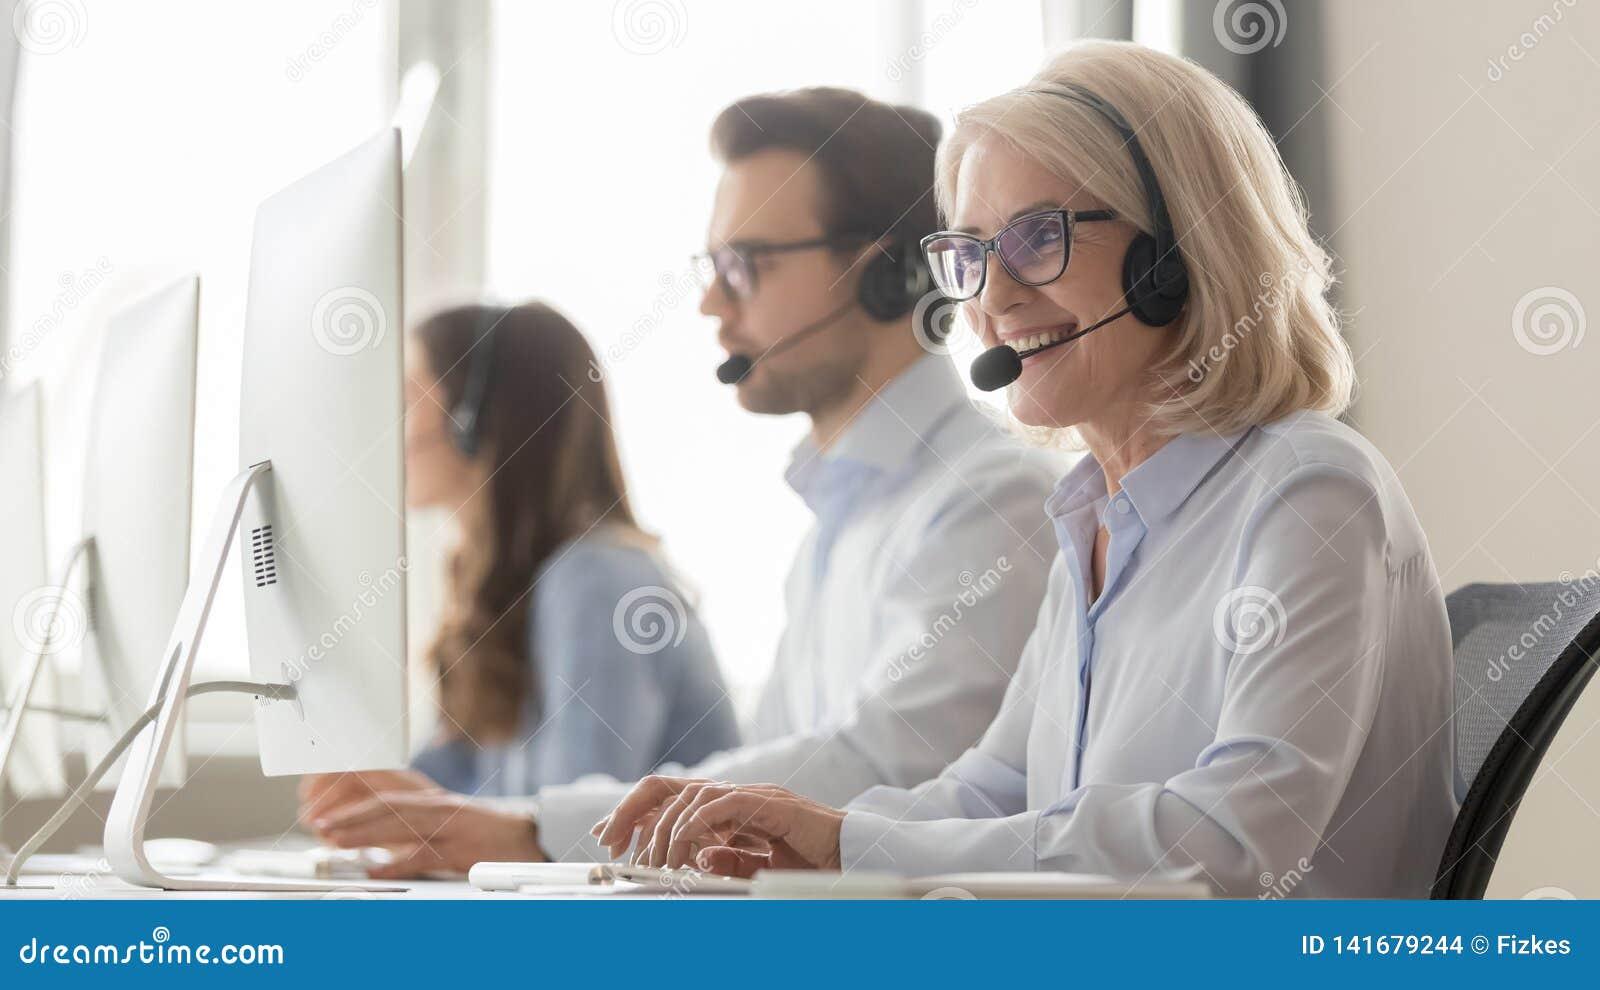 Χαμογελώντας παλαιός θηλυκός πράκτορας τηλεφωνικών κέντρων στο συμβουλευτικό πελάτη κασκών